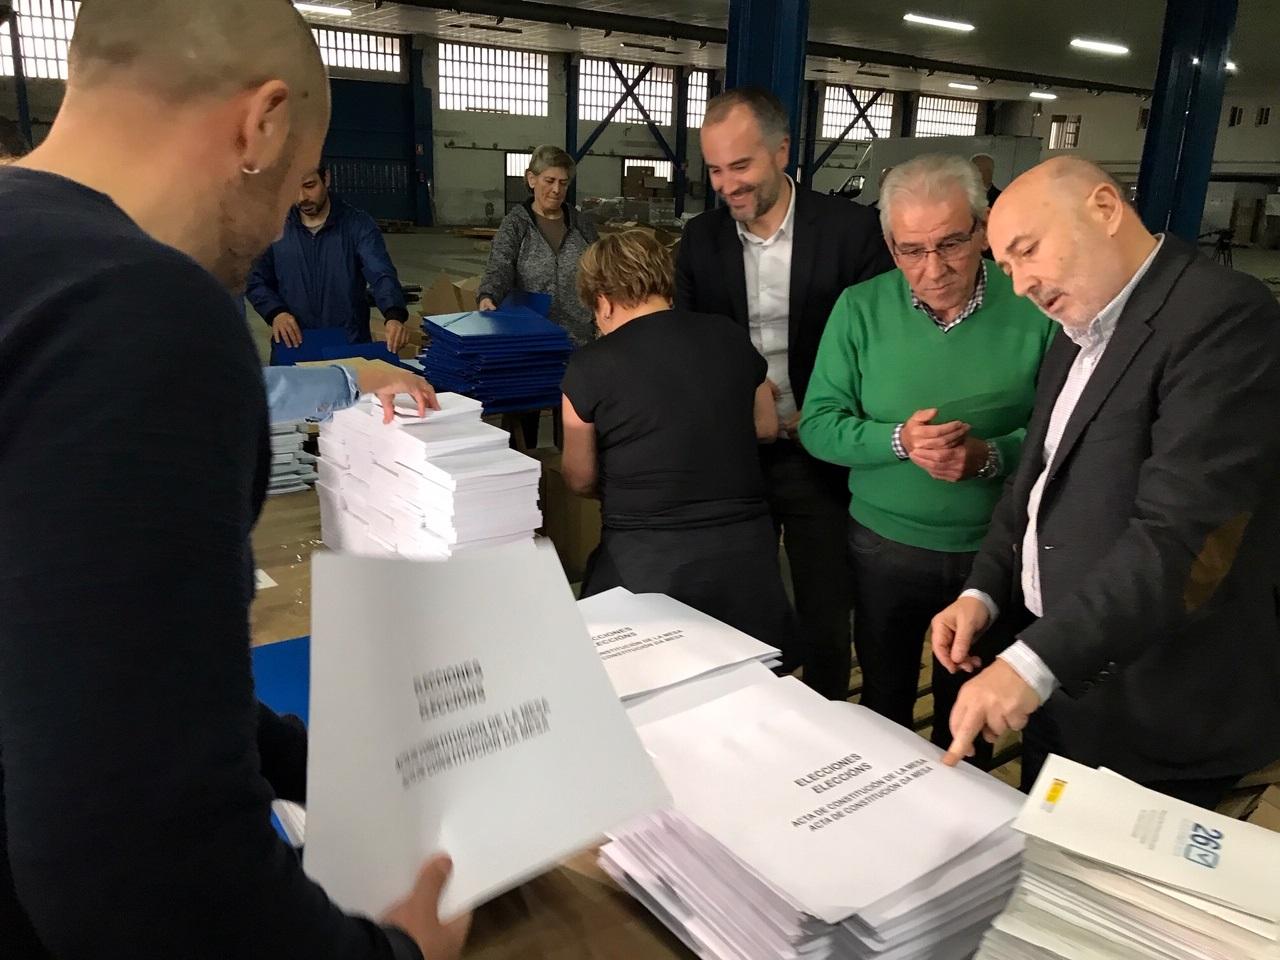 Reparto de sobres y papeletas para el 26-M en Galicia.